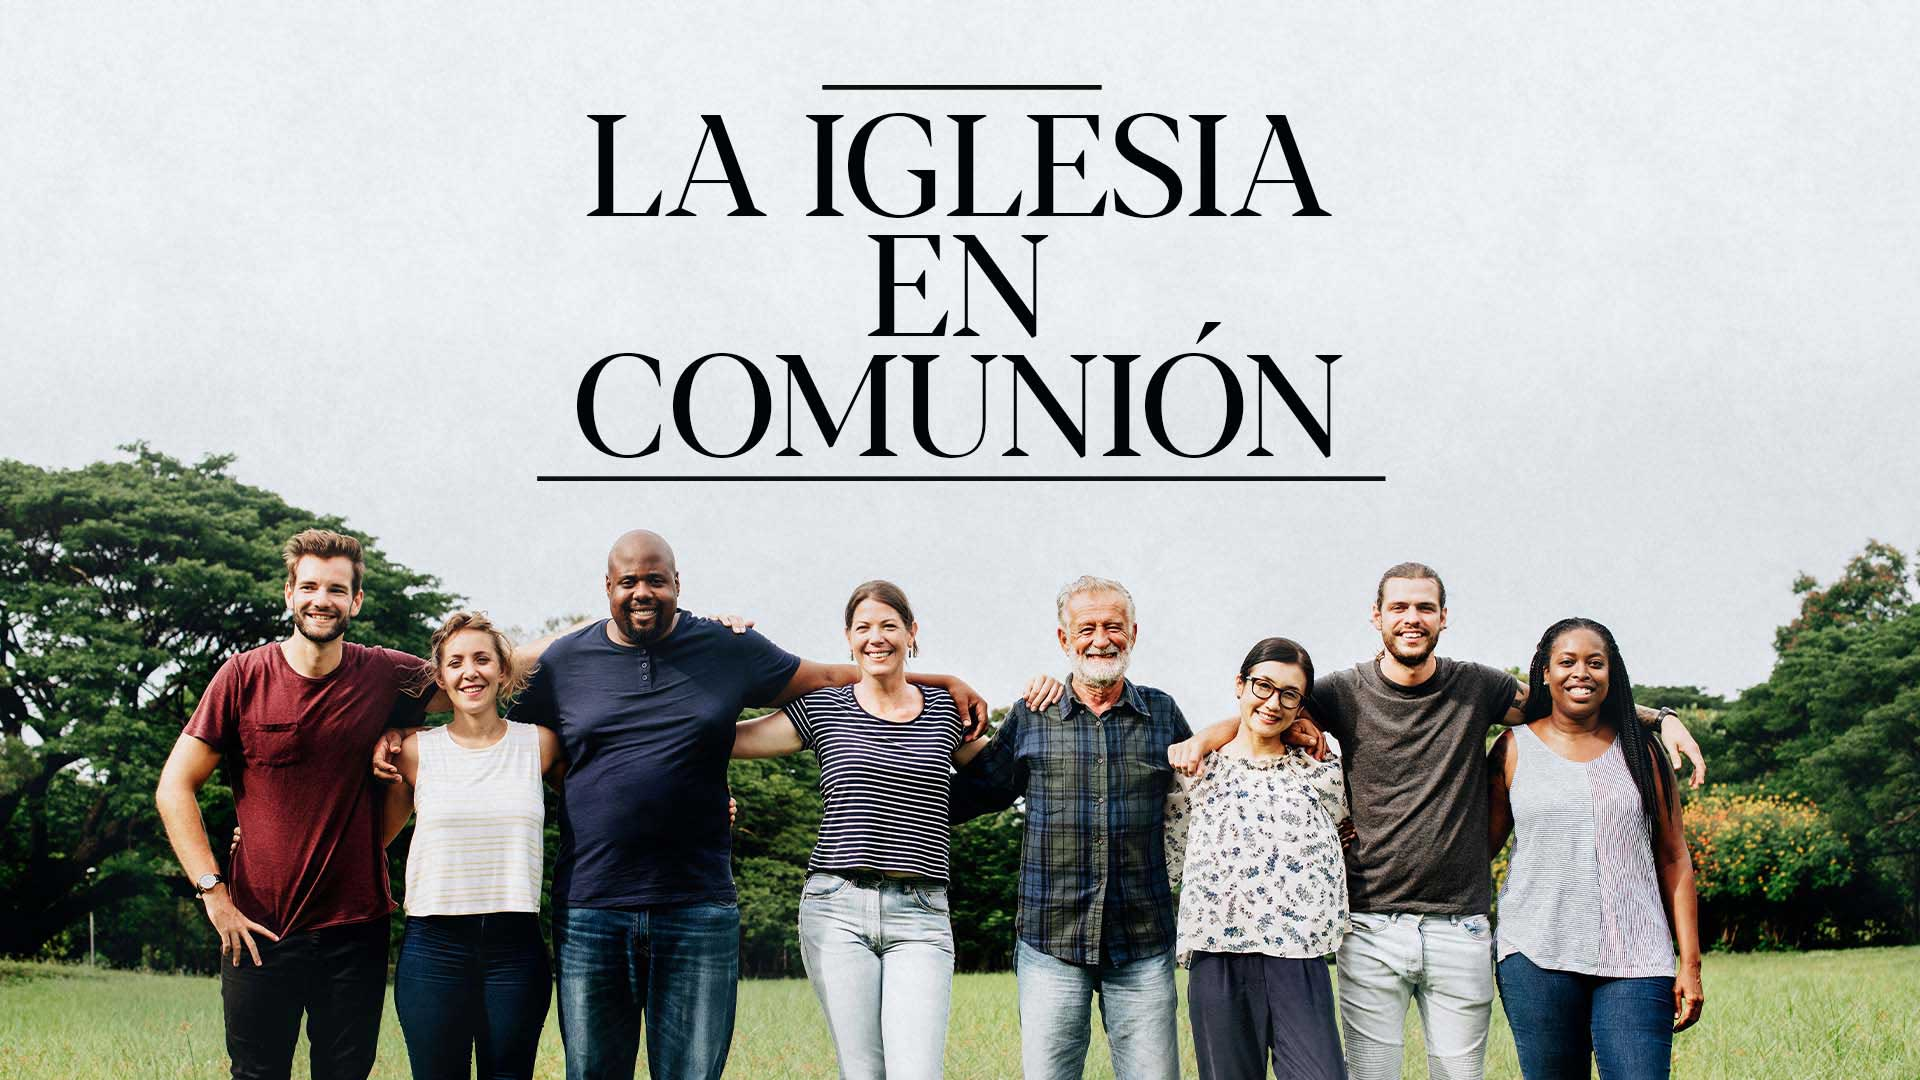 La Iglesia en Comunión